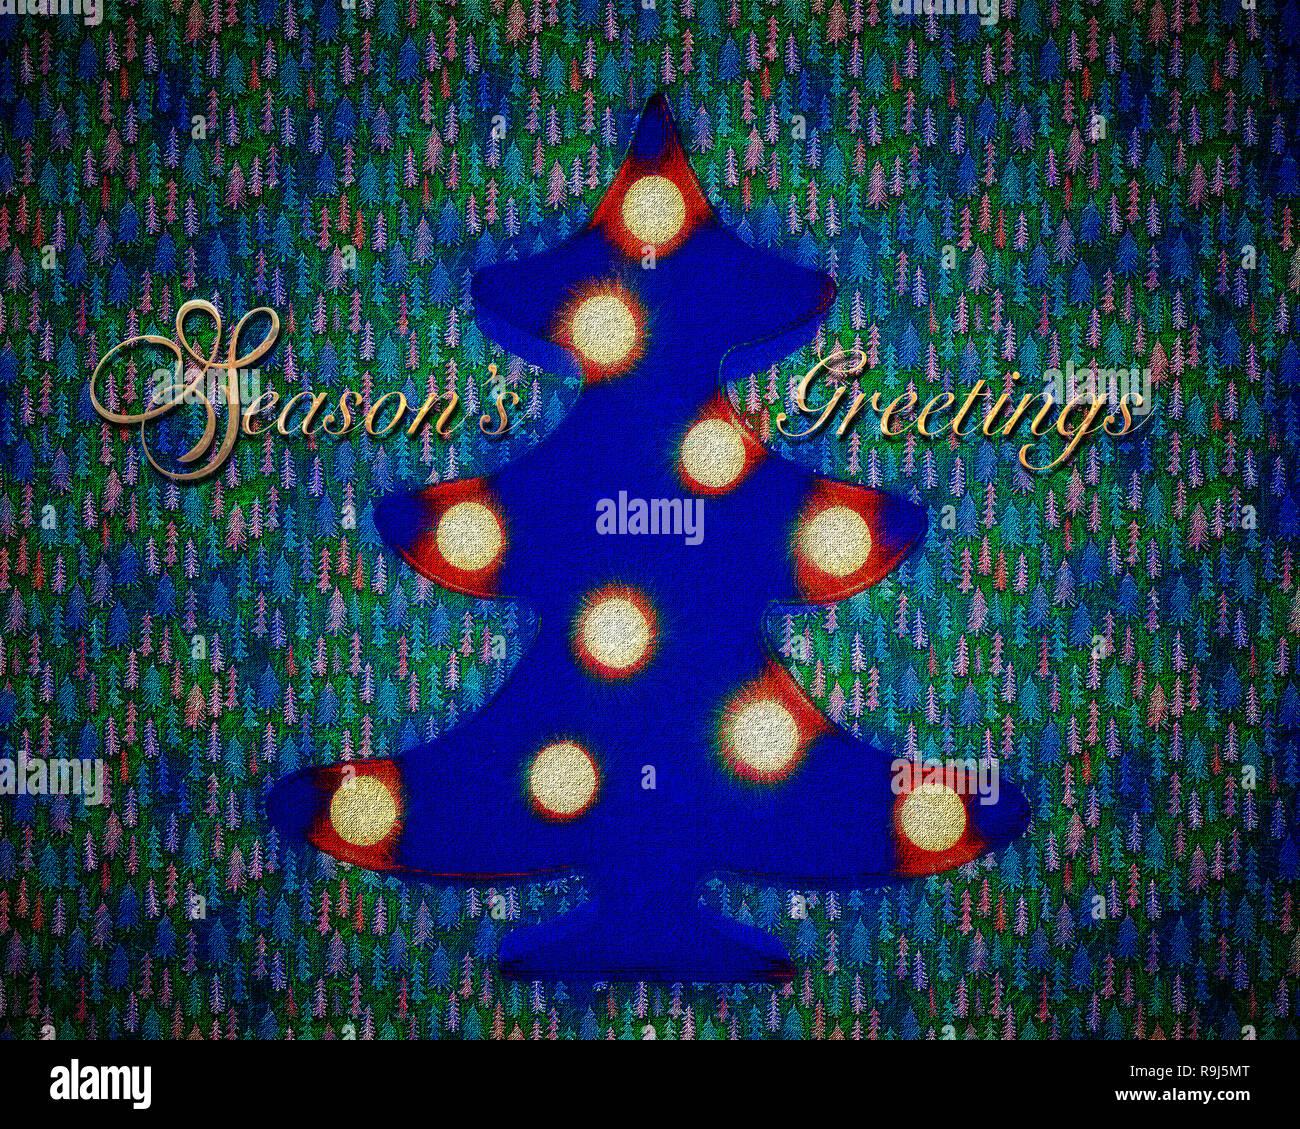 CHRISTMAS CONCEPT: Season's Greetings - Stock Image